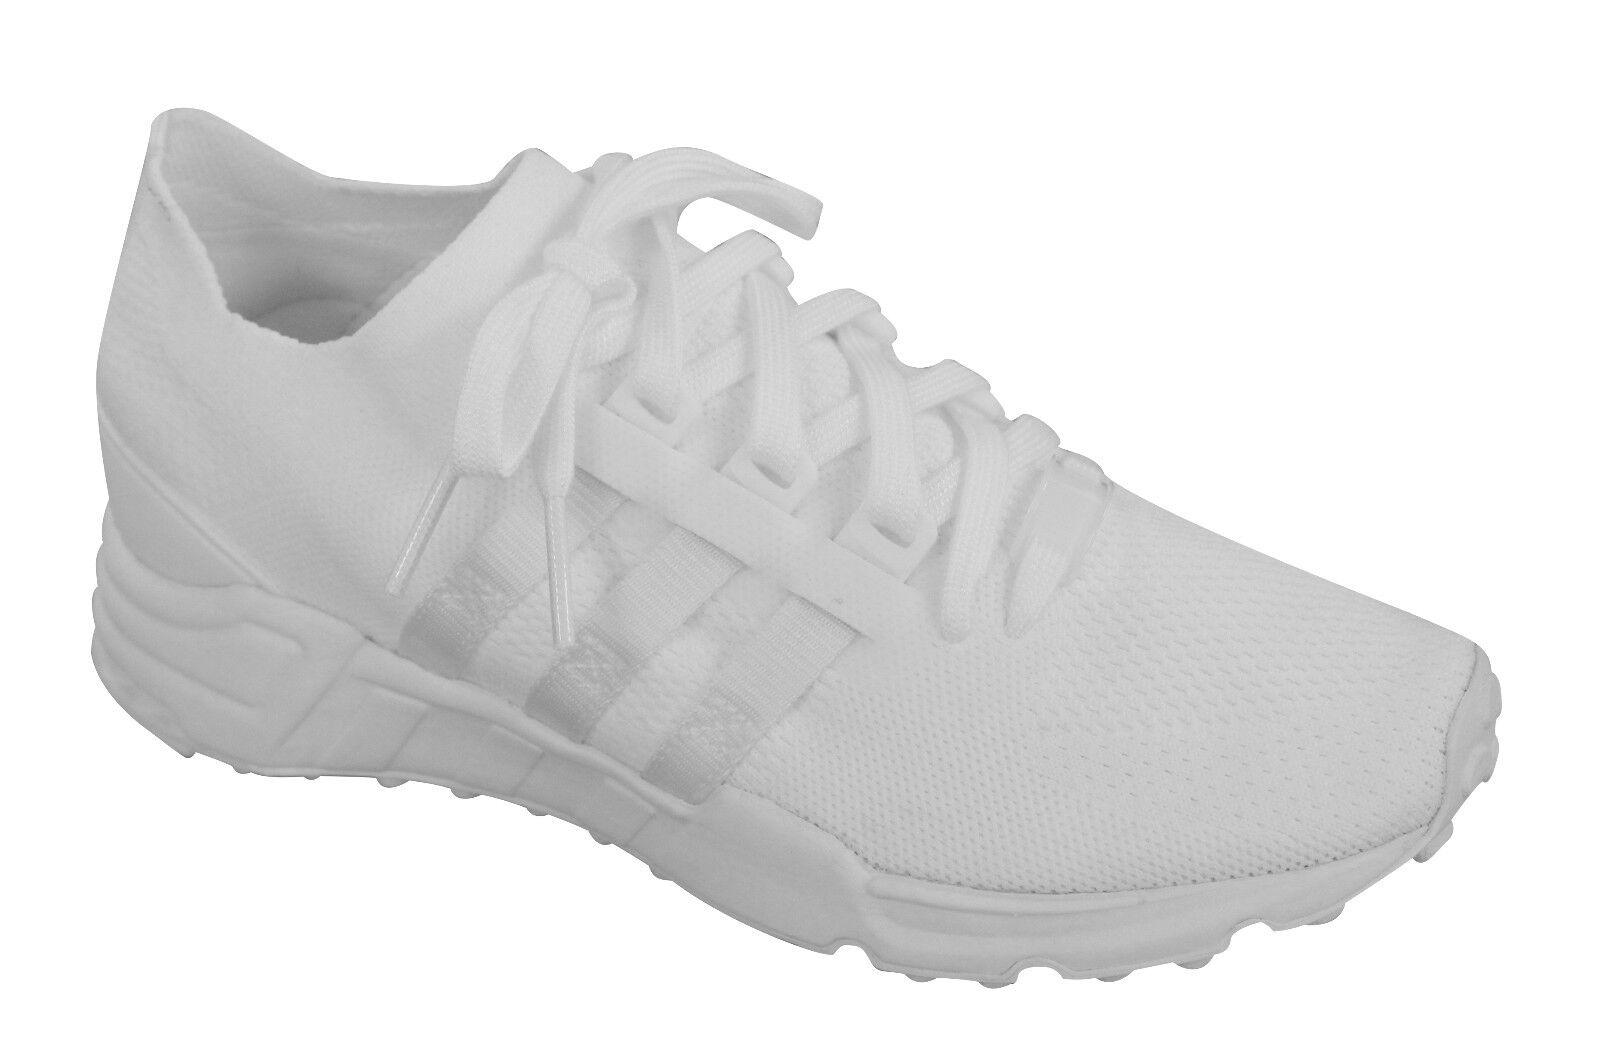 Adidas Original Eqt Unterstützung Packung Herren Turnschuhe Schnürschuh Weiß S79925